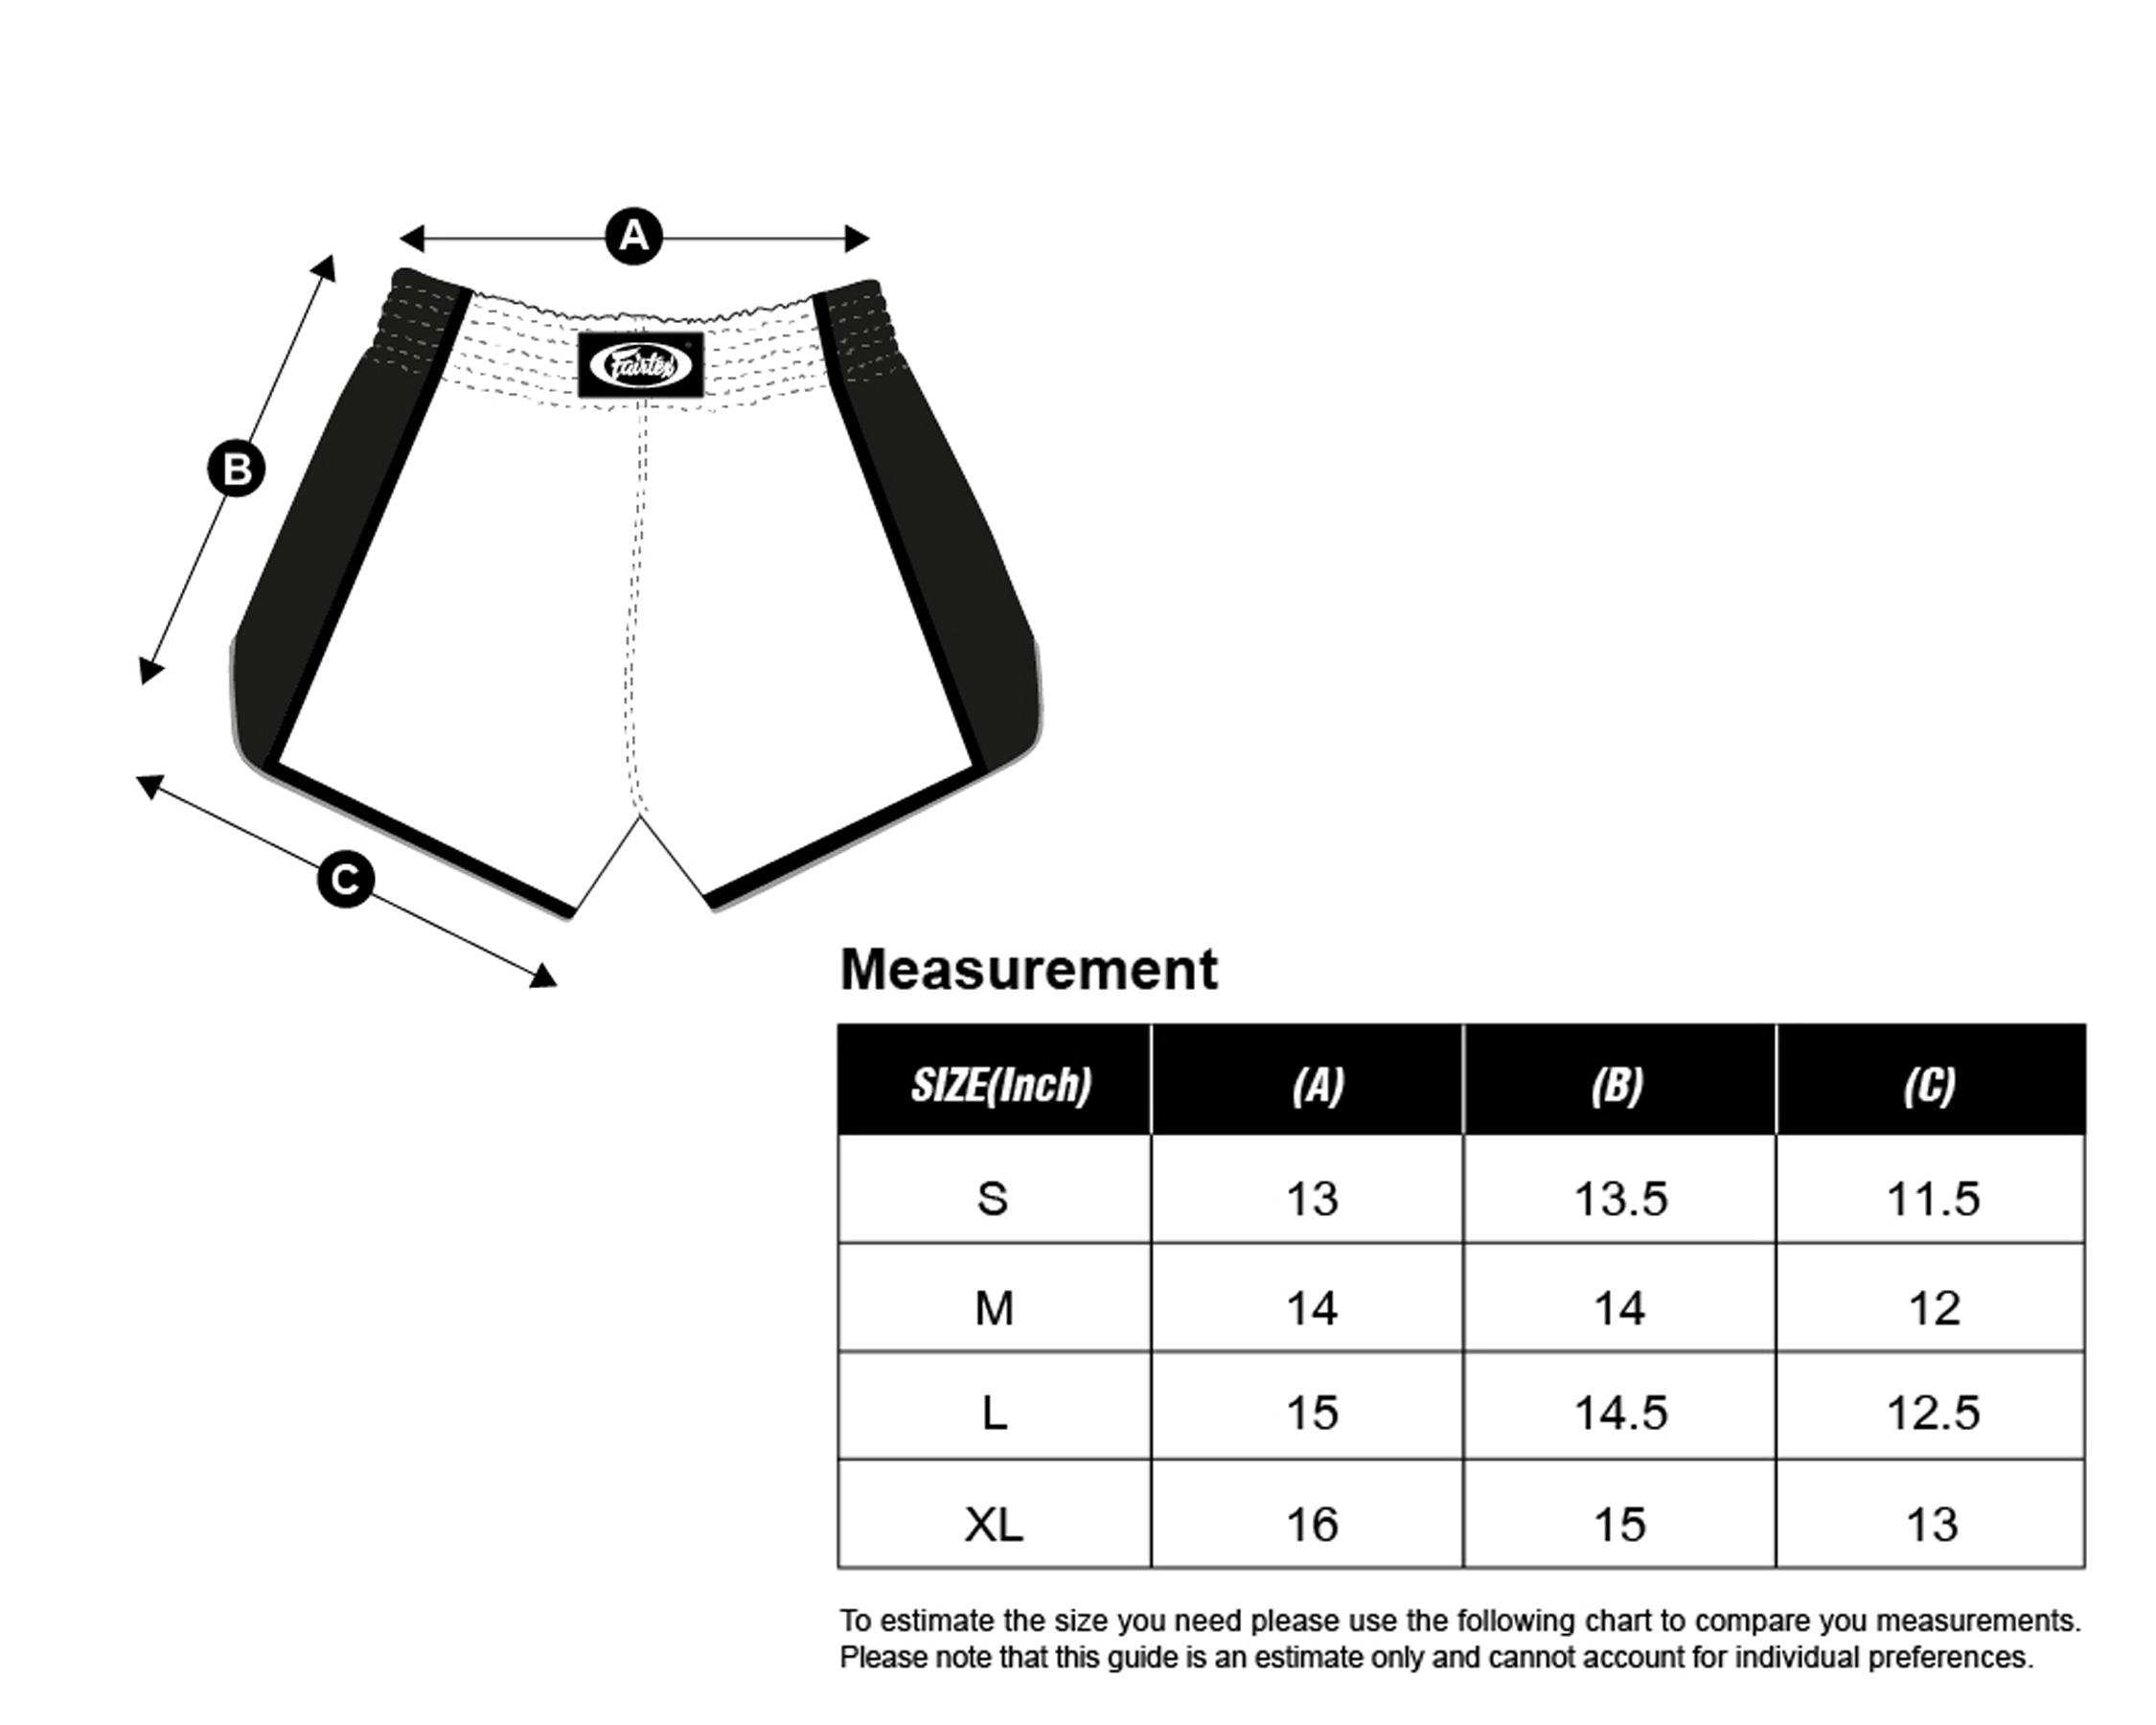 BS1704 Fairtex Red-White Slim Cut Muay Thai Boxing Shorts